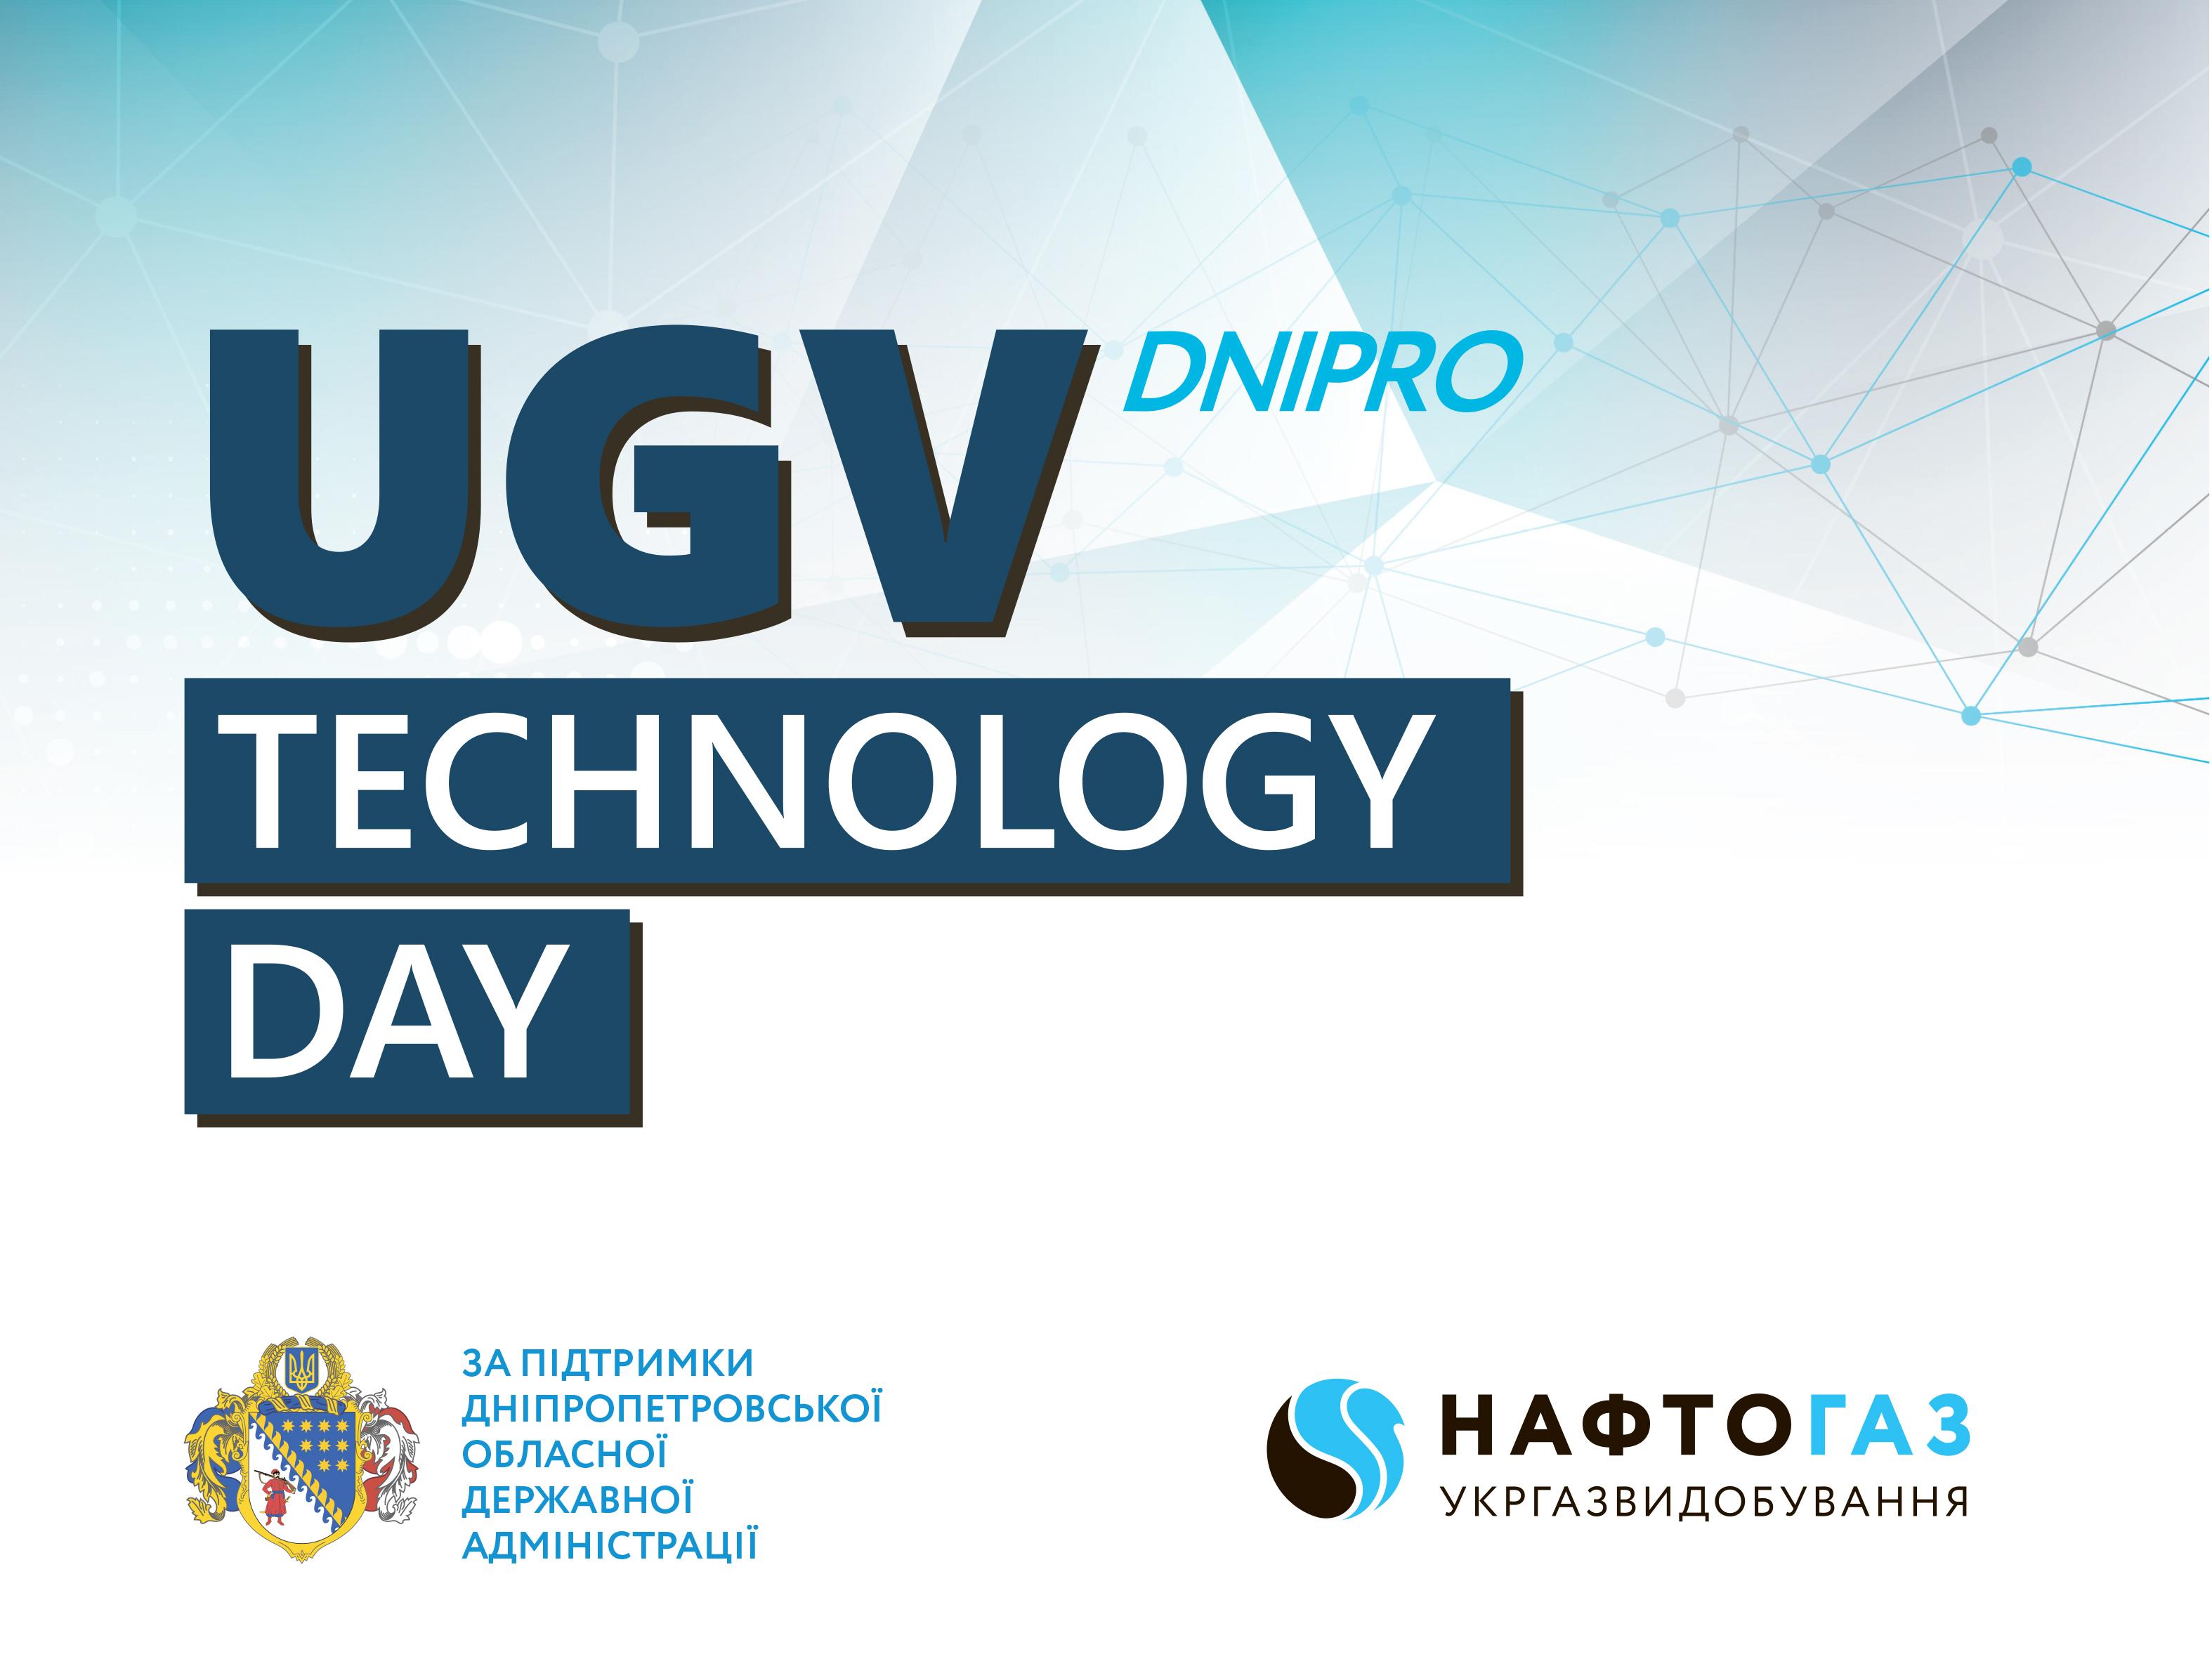 Запрошуємо на регіональну зустріч із постачальниками UGV Technology Day Dnipro